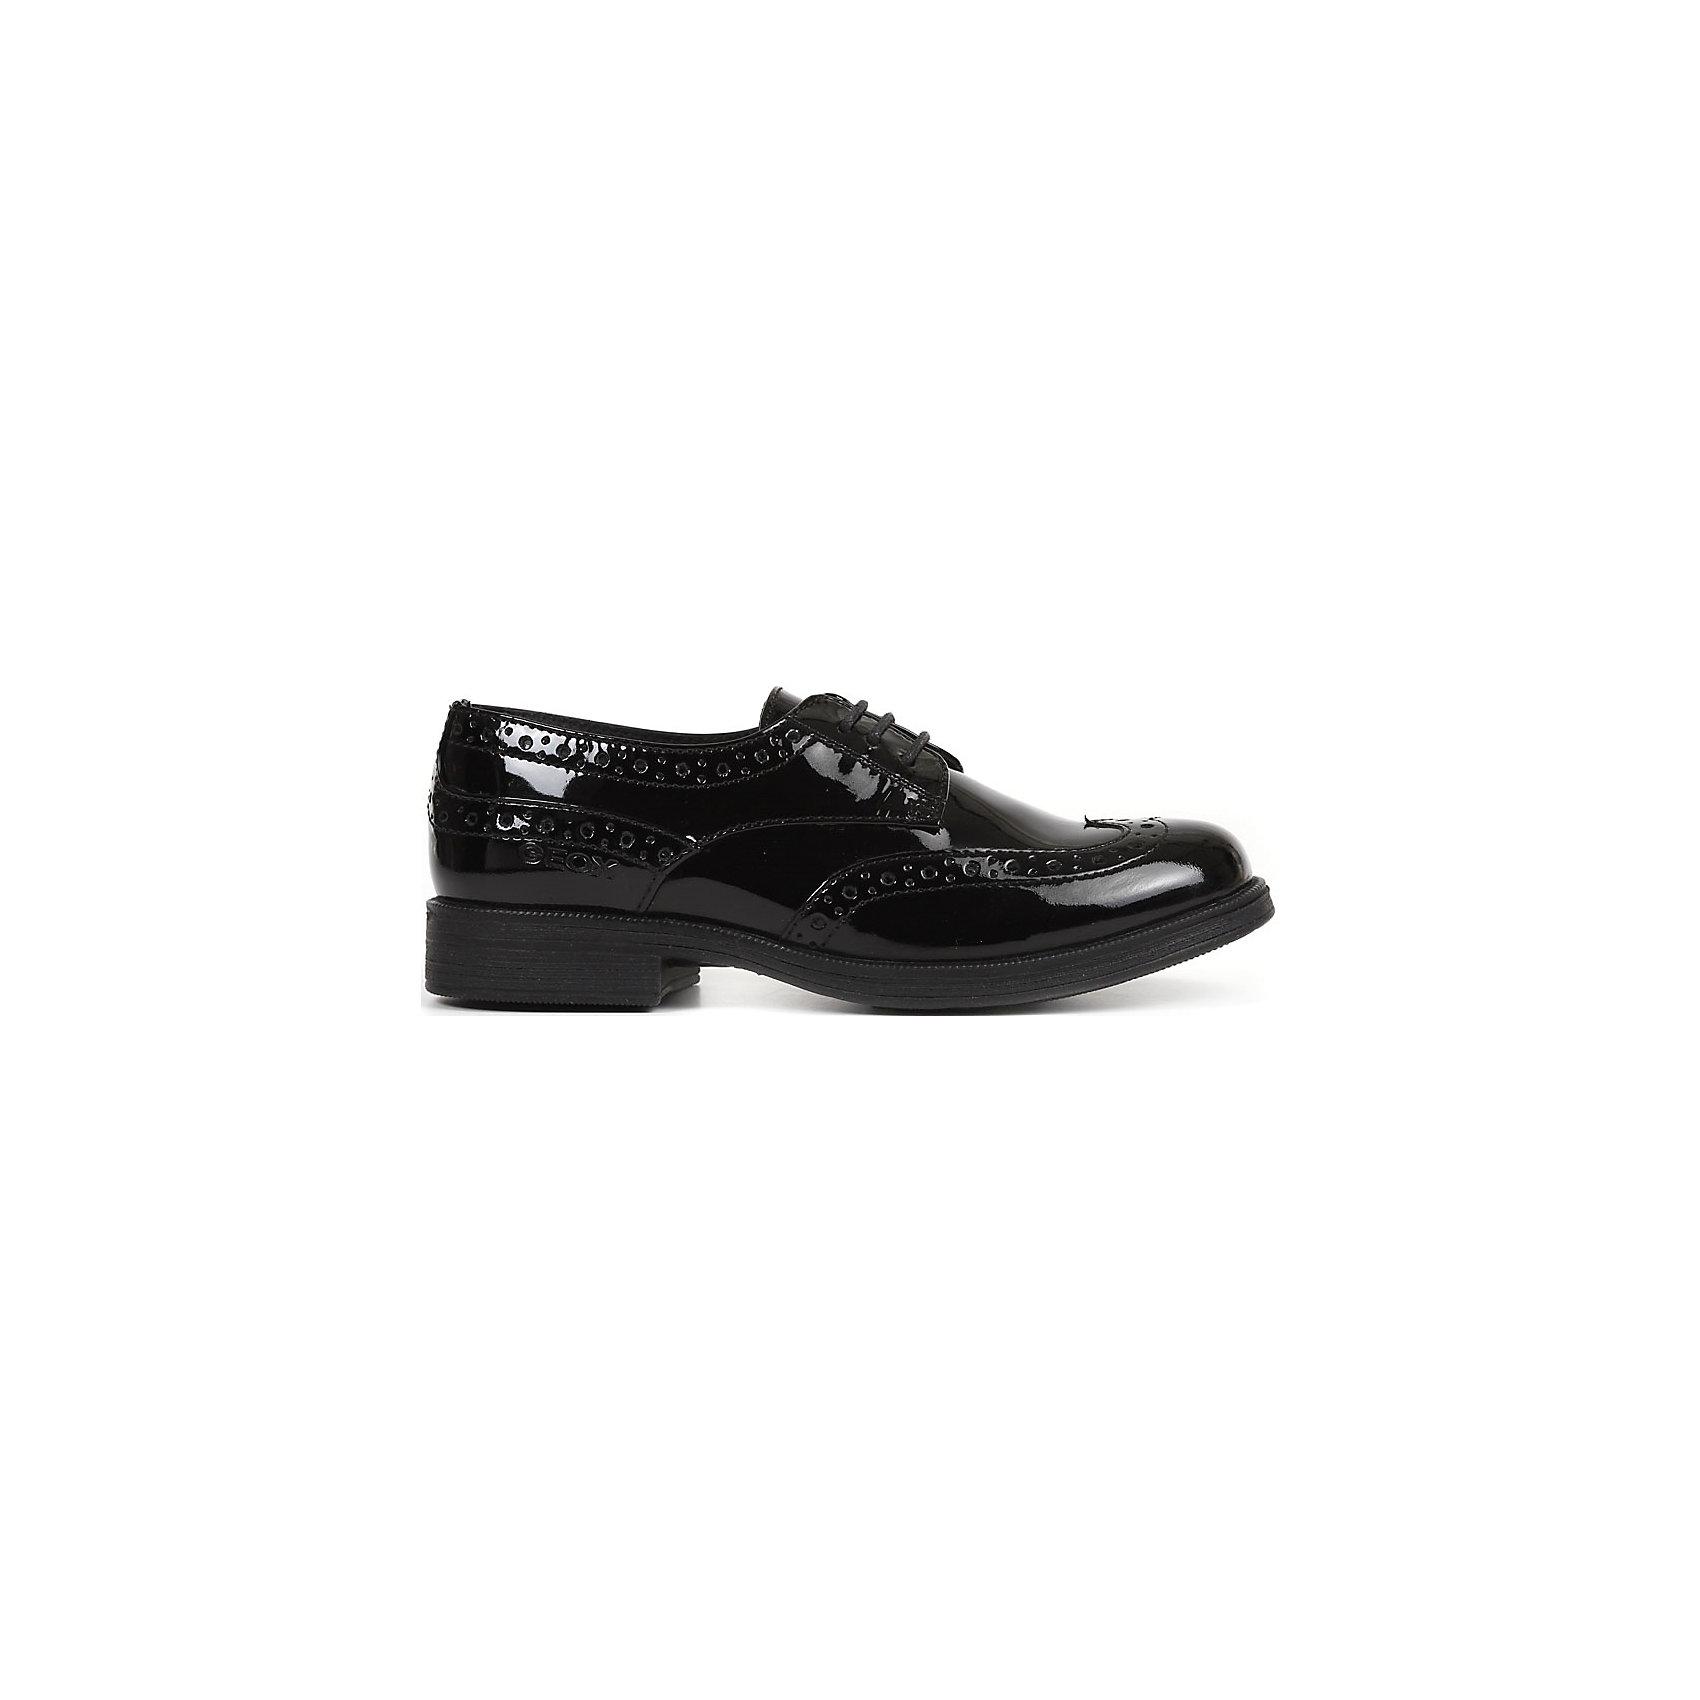 Туфли для девочки GEOXБлестящие и очень стильные! Актуальные туфли GEOX (ГЕОКС) прекрасный выбор для школы и прогулок. Ножки ребенка будут Вам благодарны. Туфли выполнены из натуральной кожи, стопа в них отлично дышит. Удобная шнуровка, перфорированные акценты и устойчивый каблучок. Благодаря своему опыту специалисты компании GEOX (ГЕОКС) точно знают что необходимо ногам ребенка каждого возраста. Балетки универсальная обувь, в которой всегда комфортно. Полимерная подошва этой модели создана по эксклюзивной технологии GEOX (ГЕОКС) и снабжена дышащей и водонепроницаемой мембраной, что способствует естественной терморегуляции и создает внутри обуви идеальный микроклимат.  <br><br>Дополнительная информация:<br><br>- Сезон: весна/лето;<br>- Запатентованная мембранная технология Breathable;<br>- Материал верха: натуральная кожа;     <br>- Материал подошвы: резина;                                                                                                                     <br>- Подкладка: 70% текстиль, 30% натуральная кожа;<br>- Стильный дизайн.<br>                                                         <br>Туфли для девочки GEOX (ГЕОКС) можно купить в нашем интернет-магазине.<br><br>Ширина мм: 227<br>Глубина мм: 145<br>Высота мм: 124<br>Вес г: 325<br>Цвет: черный<br>Возраст от месяцев: 120<br>Возраст до месяцев: 132<br>Пол: Женский<br>Возраст: Детский<br>Размер: 28,37,37,33,34,35,36,32,39,31,38,38,29,31,29,39,30,28,30<br>SKU: 4011877